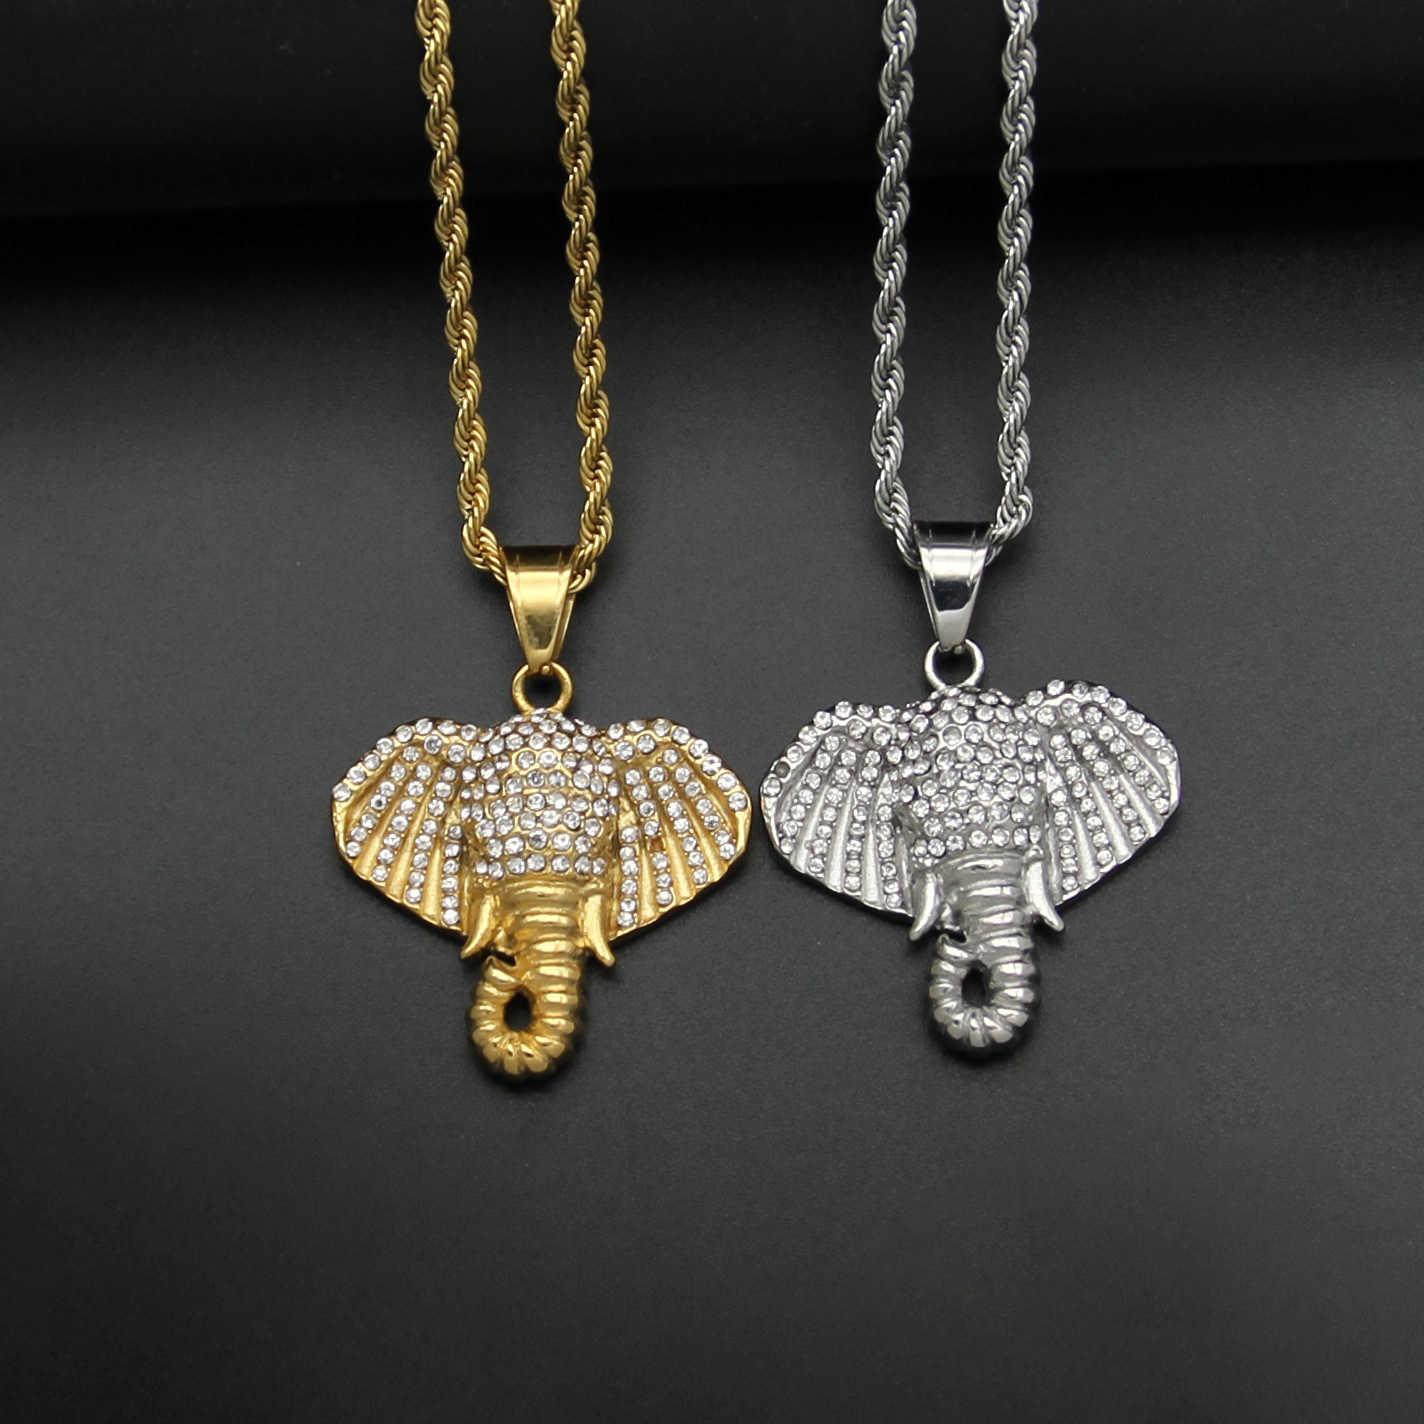 Ins مجوهرات جديدة 316 الفولاذ المقاوم للصدأ الحفر الكامل الفيل رئيس الهيب هوب قلادة الحيوان DW309